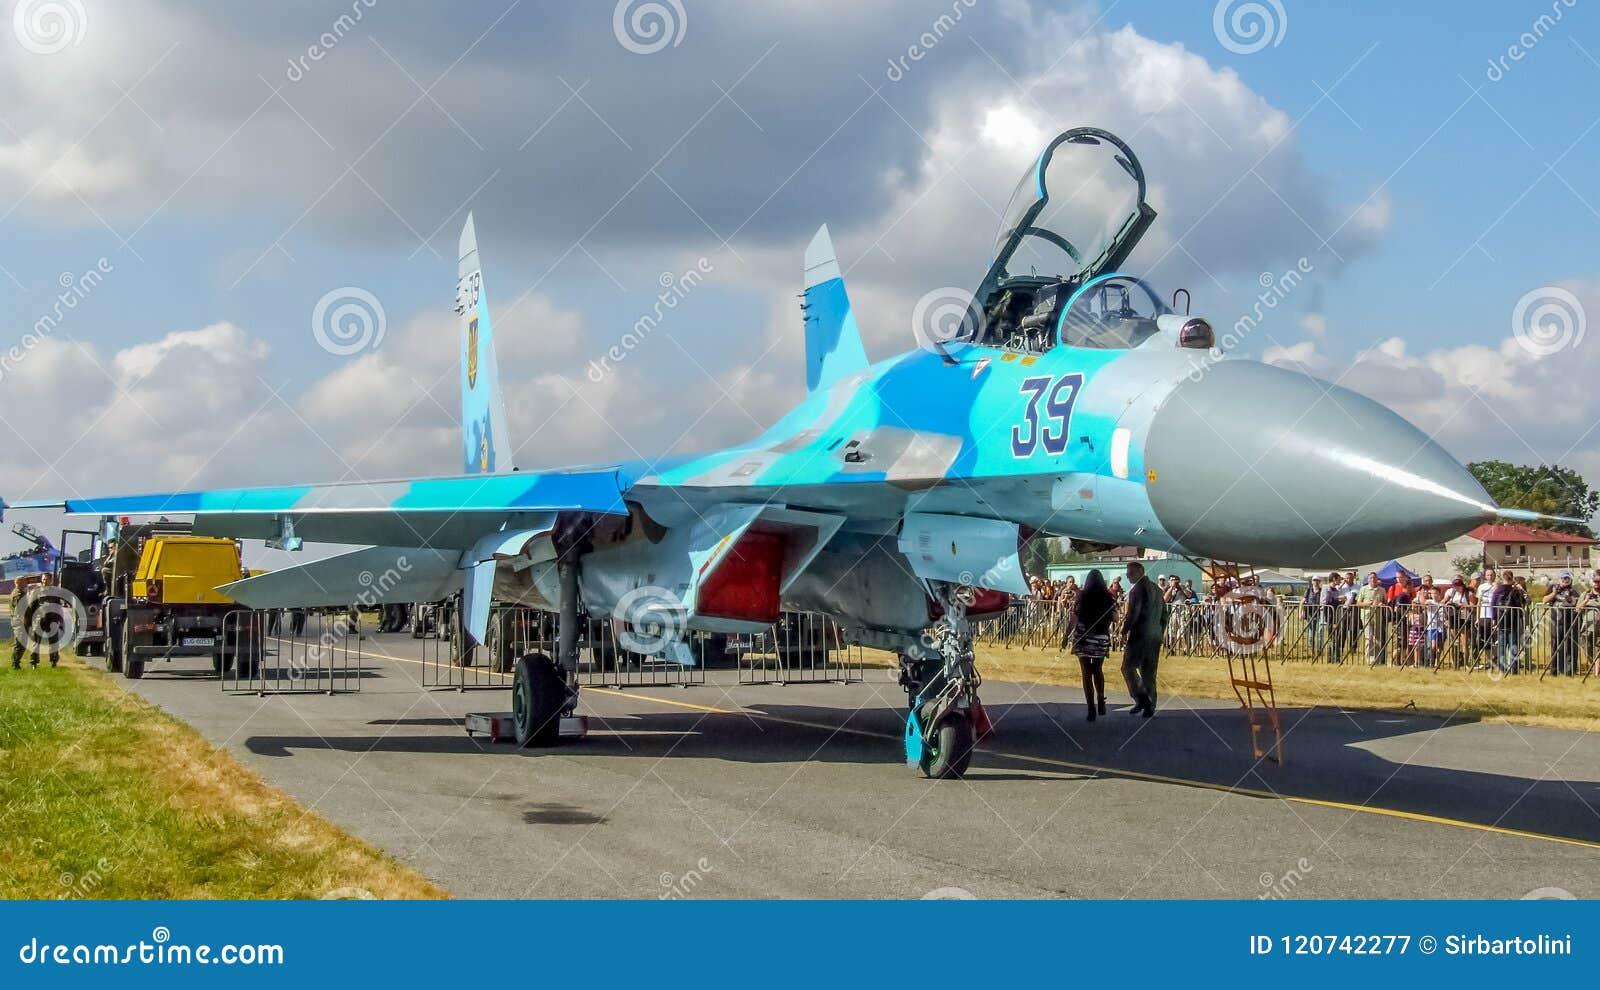 Ukrainian Sukhoi Su-27 Aircraft During Radom Air Show  Editorial